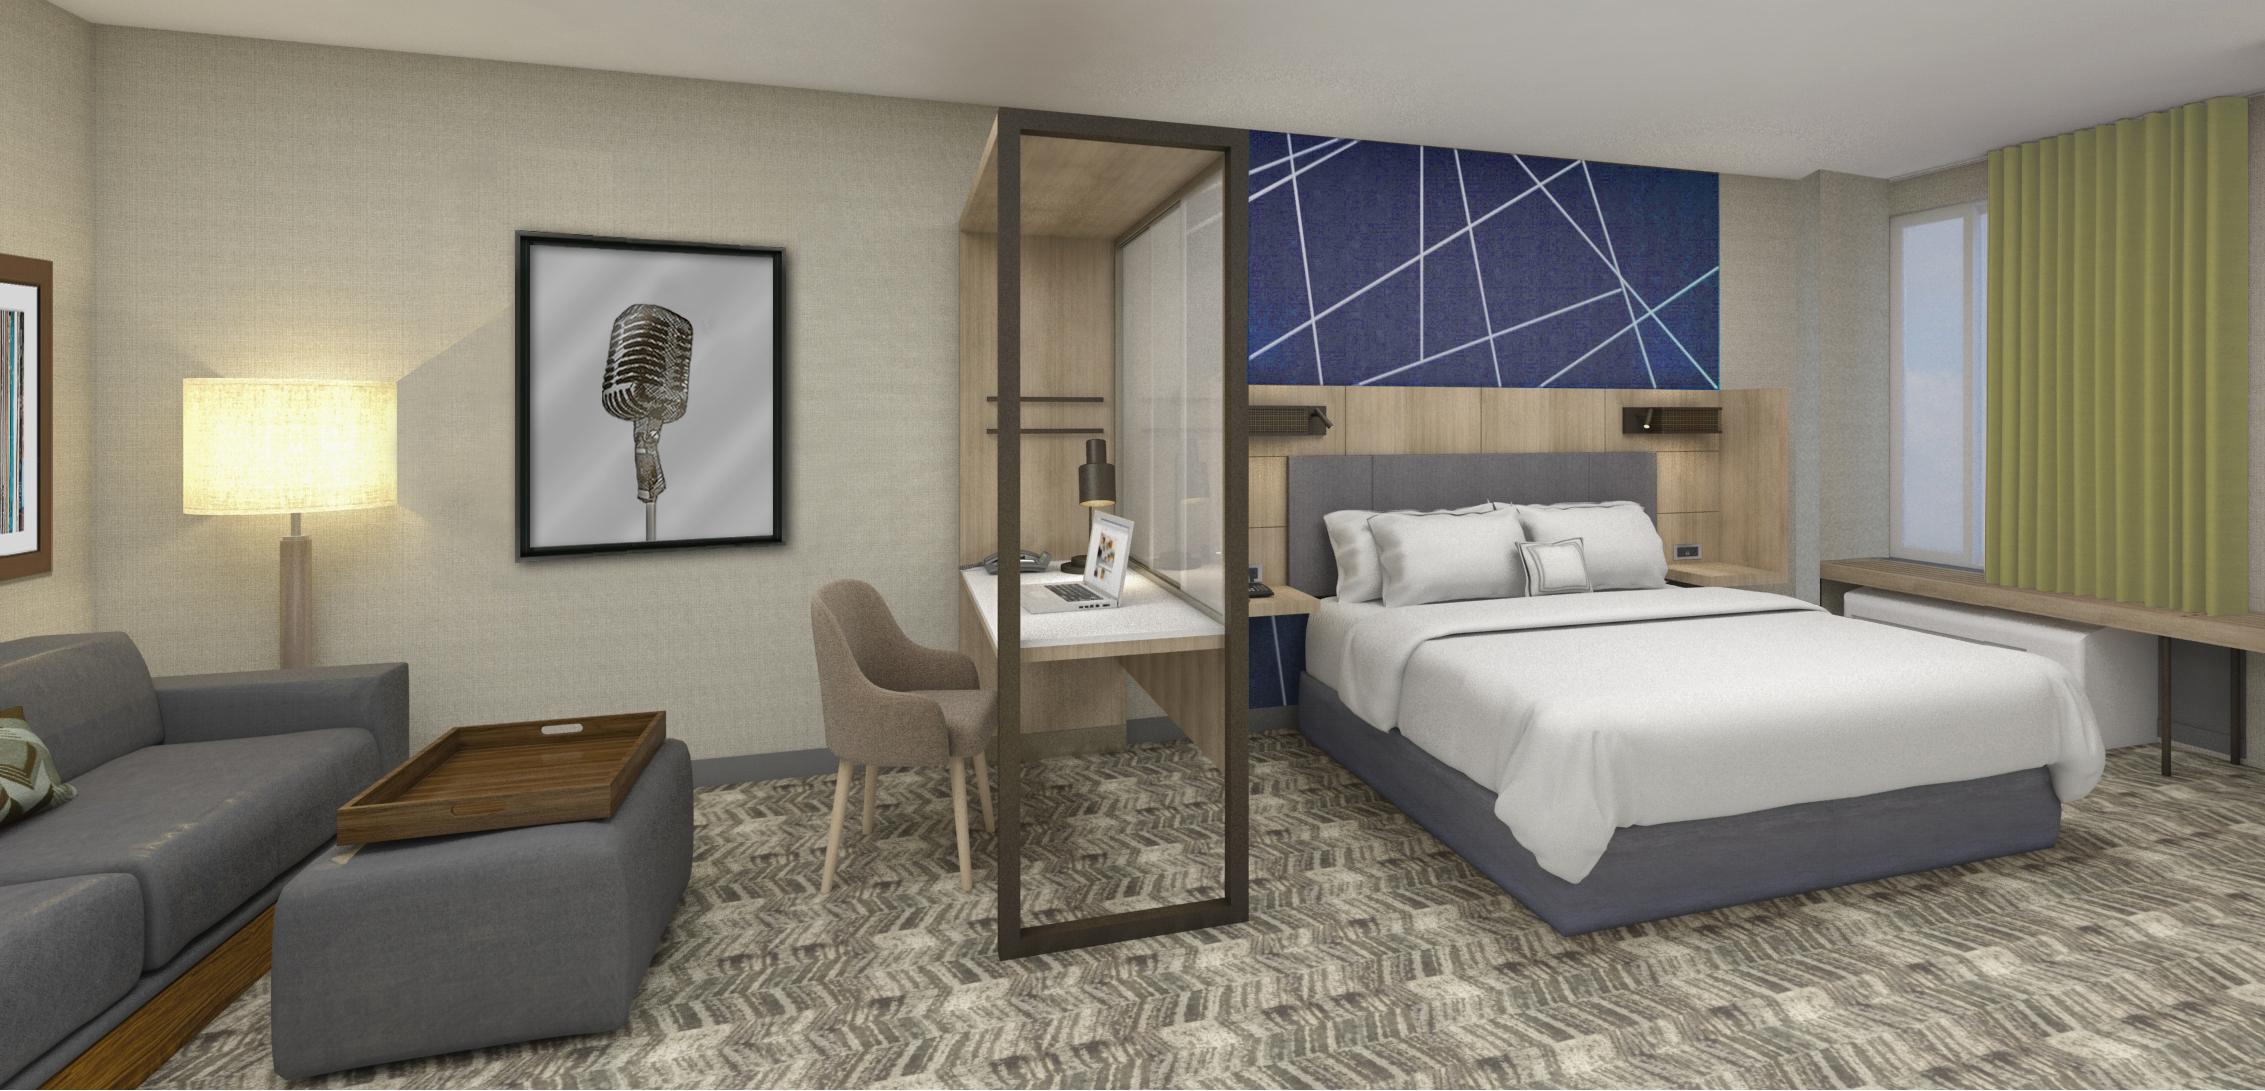 Nashville Tri-Brand Rendering - Springhill Suites Guestroom.jpg